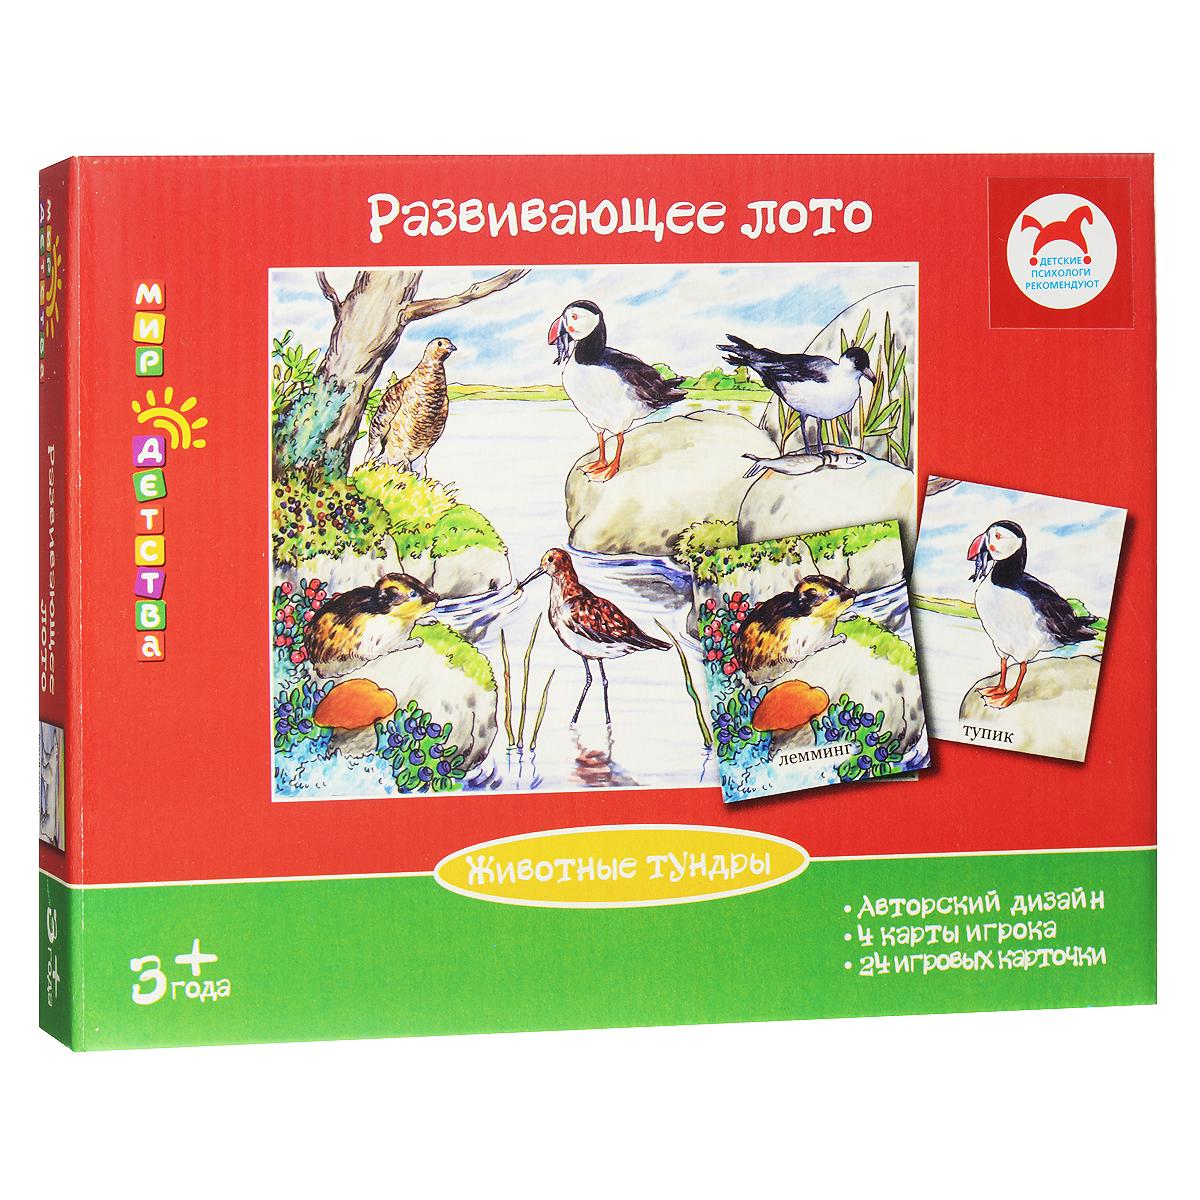 Развивающее лото Животные тундры28060Развивающее лото Животные тундры понравится вашему ребенку и позволит с пользой провести время. Комплект включает 4 карты игрока, 24 игровых карточки и буклет с правилами игры на русском языке. Элементы лото оформлены изображениями животных тундры с соответствующими подписями на карточках. Лото Животные тундры является прекрасным материалом для игры, сочетающим в себе достоинство традиционного лото и разрезных картинок. Лото развивает многие способности детей: внимание, память и главное - произвольность, т.е. способность соблюдать общие для всех правила. Знакомство с новыми для ребенка животными в увлекательной игровой форме расширяет кругозор. Данный материал выгодно отличается от традиционного лото тем, что достаточно крупные и выразительные картинки открывают богатые возможности для разнообразных занятий. Их можно складывать в любом порядке, создавать большие картины леса или тайги, можно подбирать соседей, друзей или врагов, сочинять с ними разные истории и так далее....